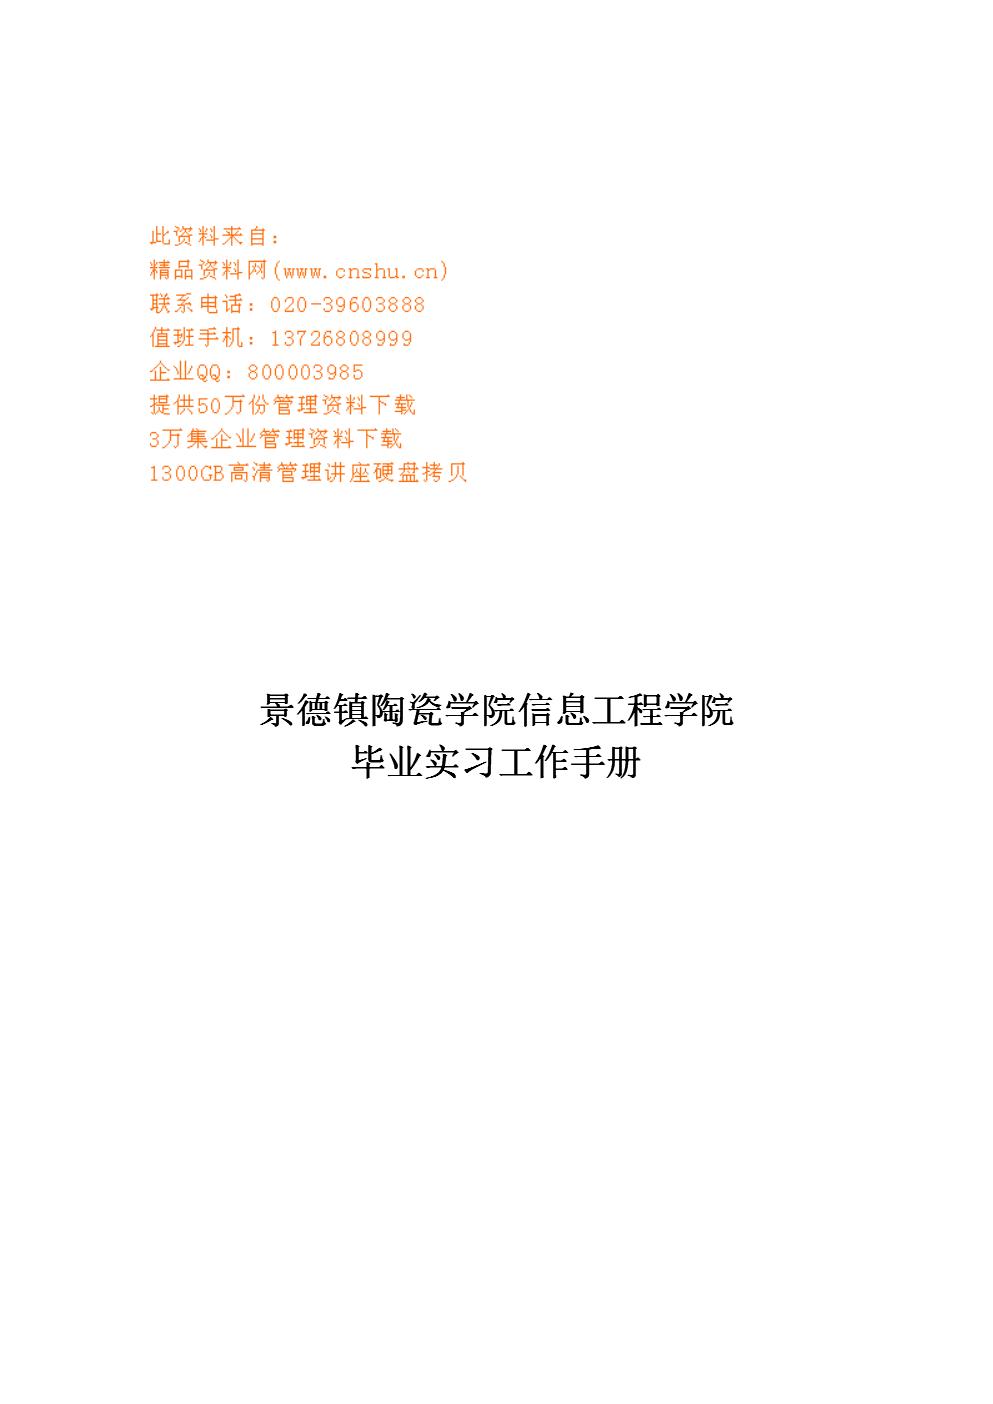 信息工程学院毕业实习工作守则.docx